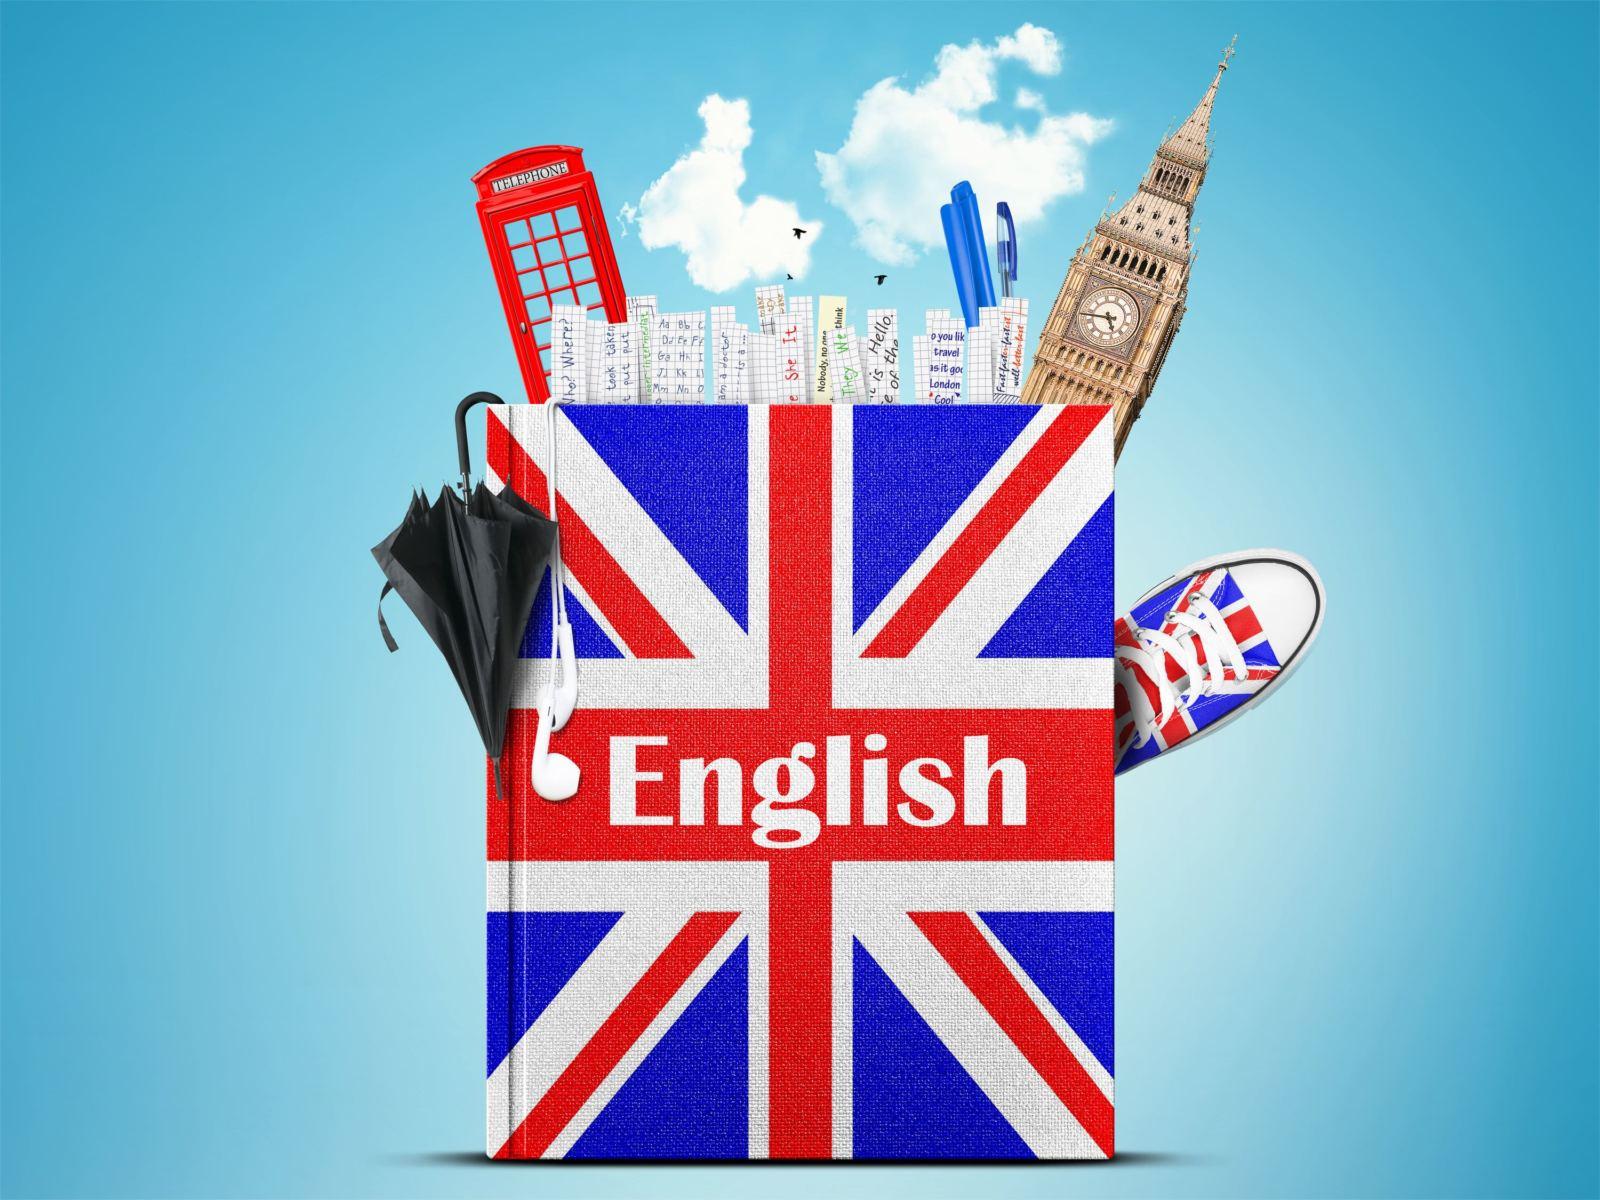 ACAD - Pas de cours d'anglais vacances